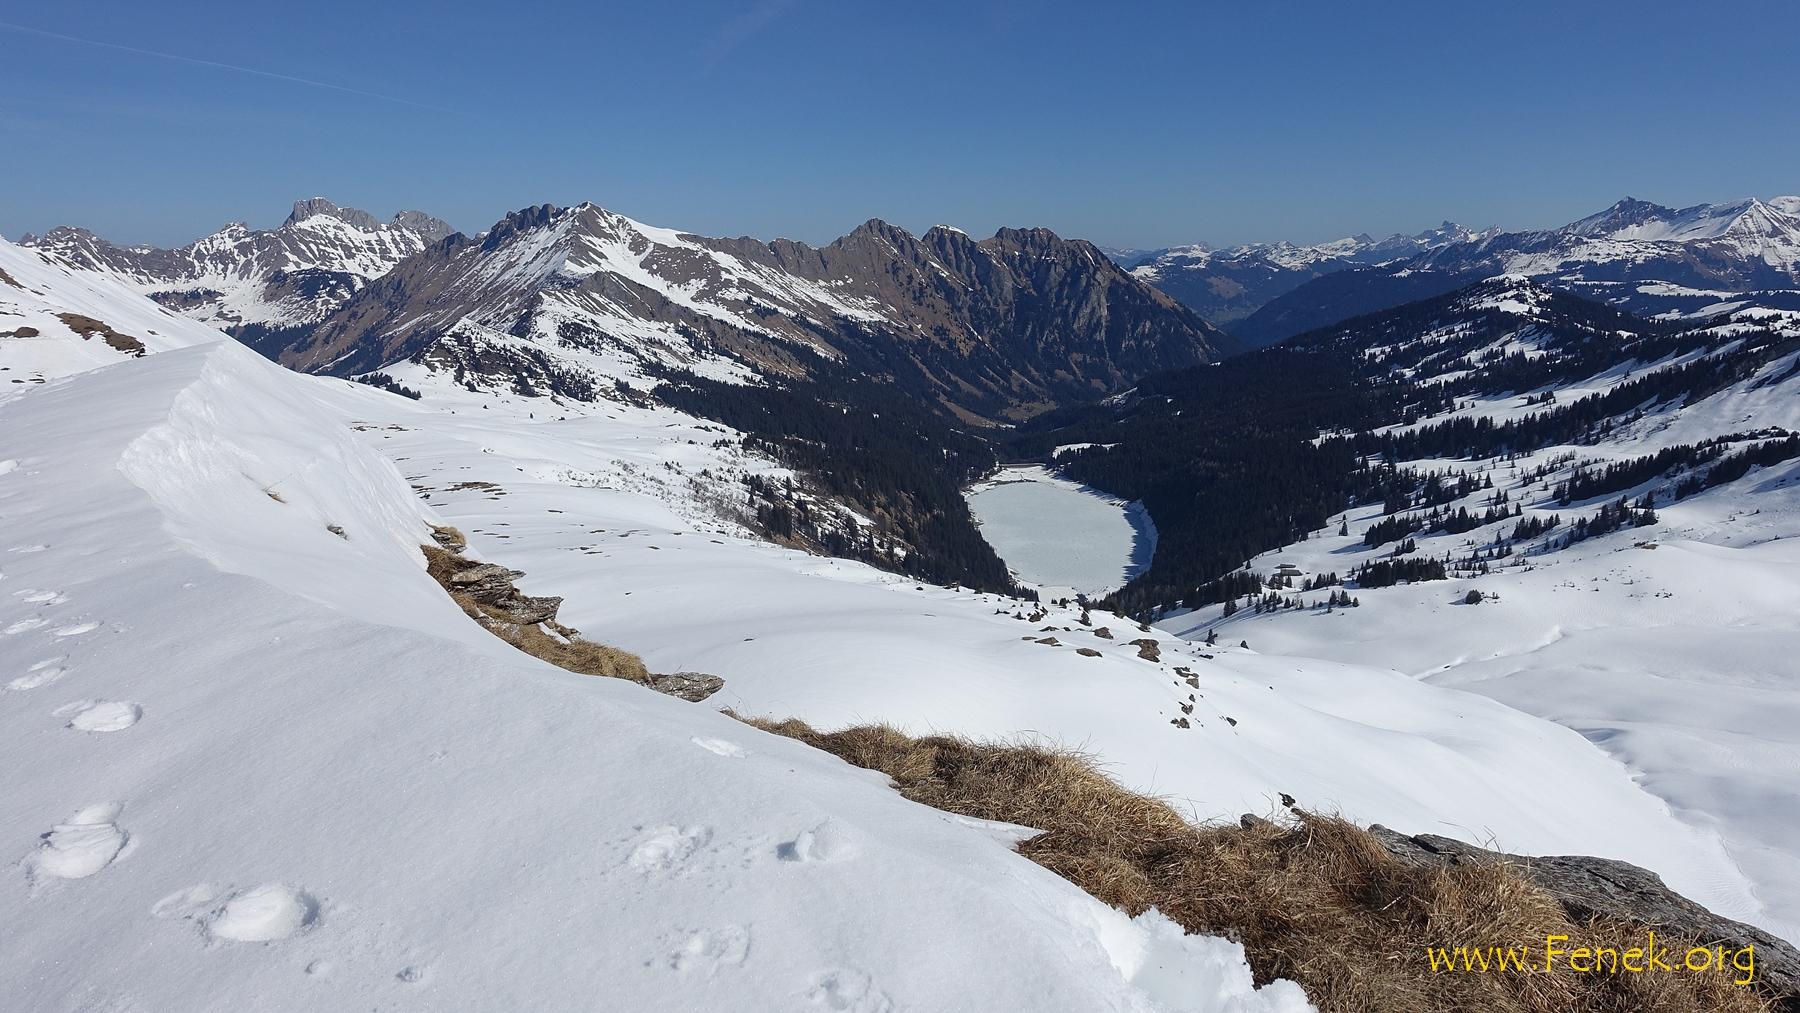 Gipfelsicht zum Arnensee